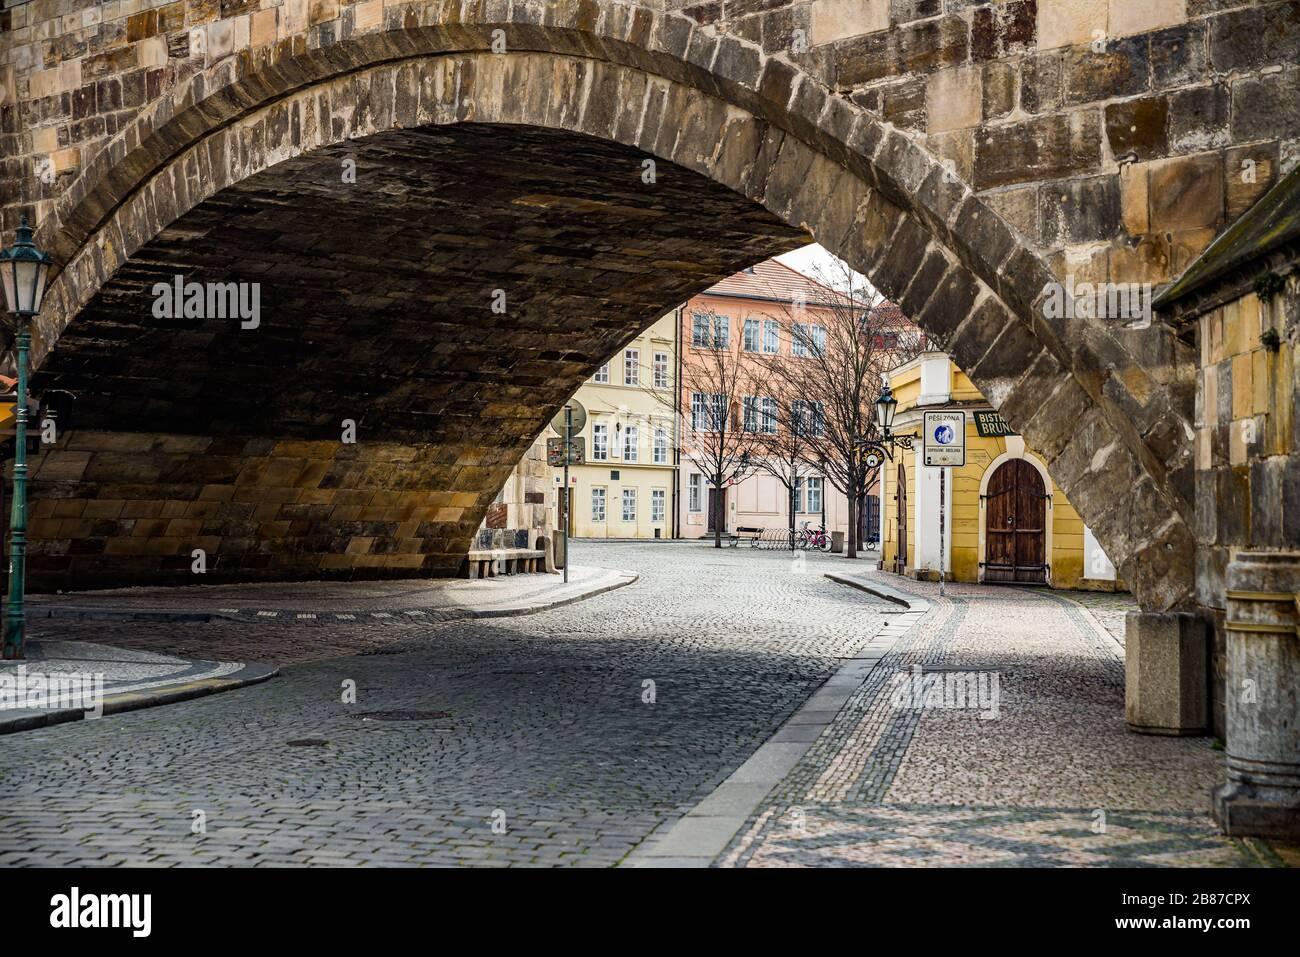 Praga, república Checa - 19 de marzo de 2020. Calle Na Kampe por Charles Bridge sin turistas durante la prohibición de viajes coronavirus Foto de stock